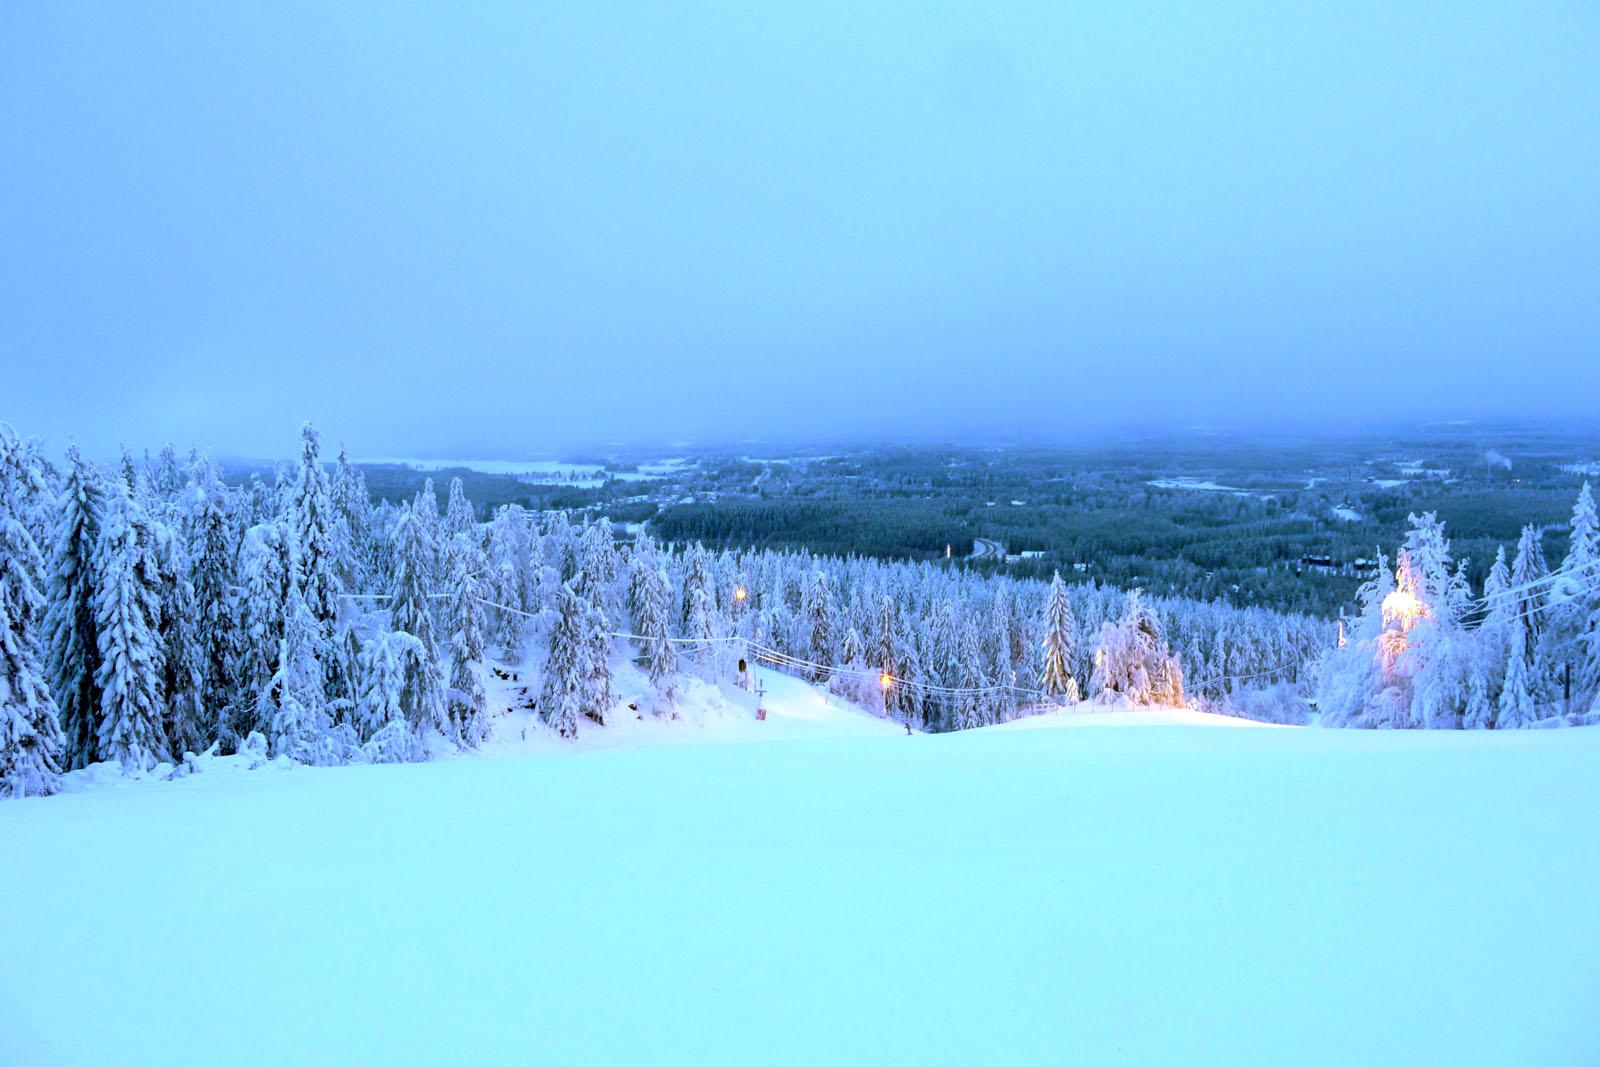 abfahrtski-vuokatti-finnland-piste-winter